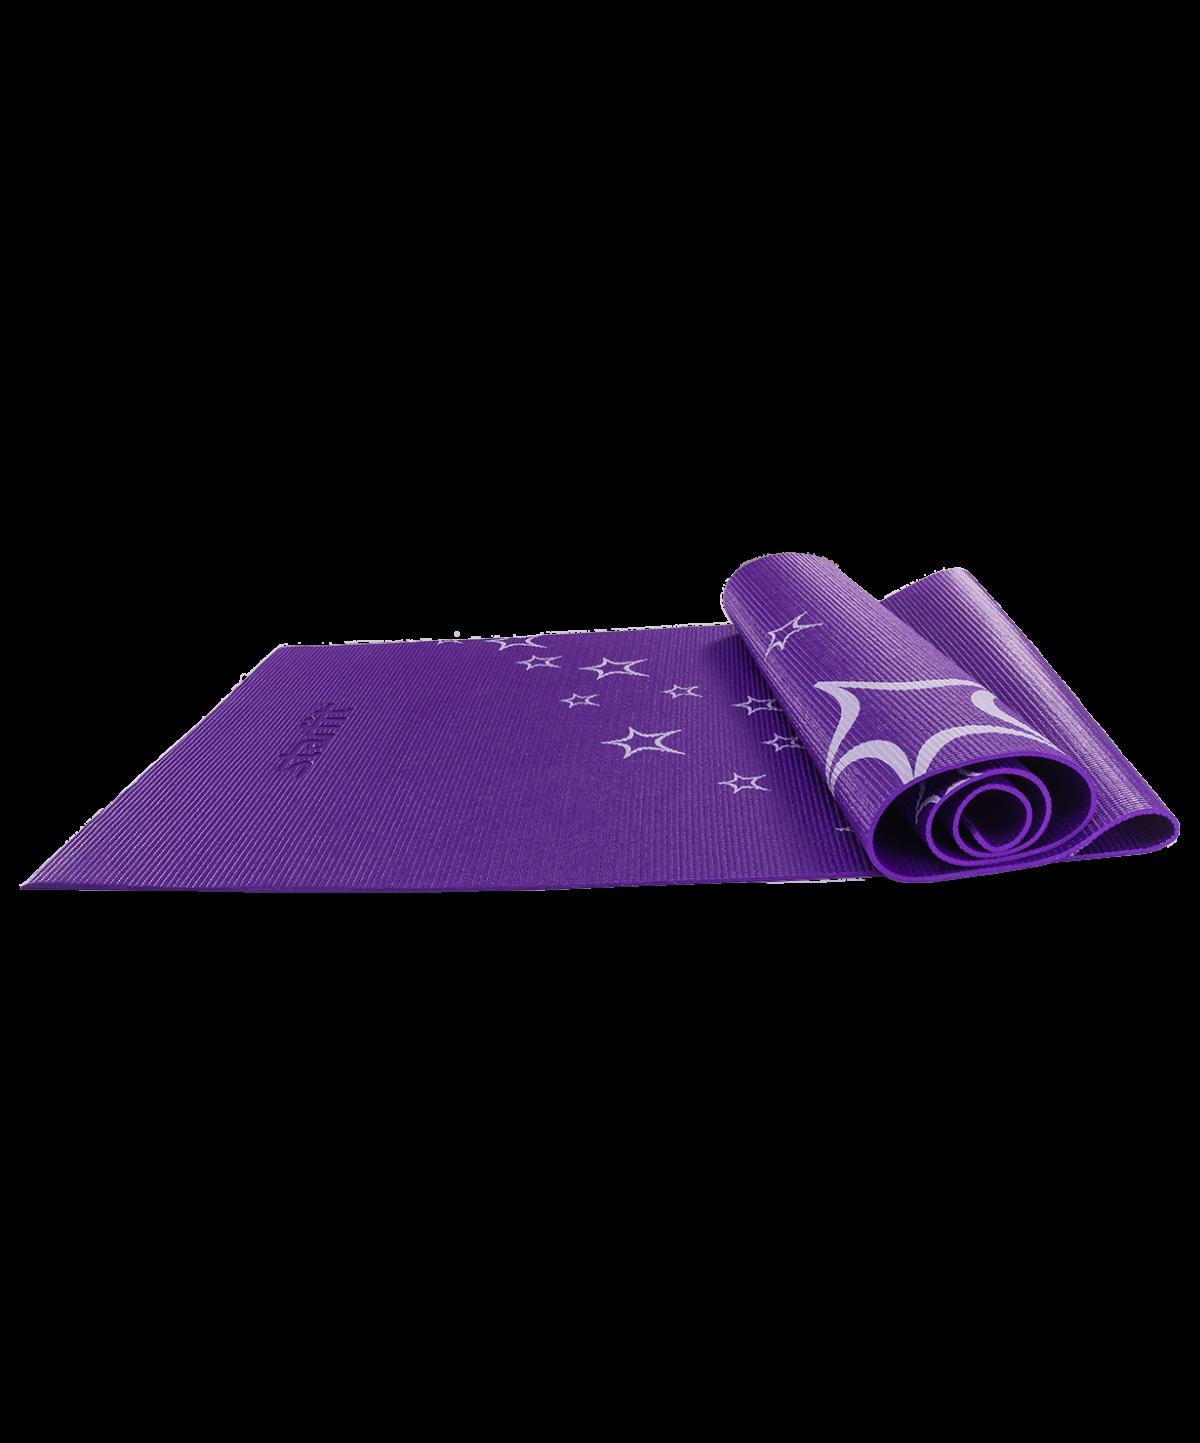 STARFIT Коврик для йоги FM-102 173х61х0,4см: фиолетовый - 1